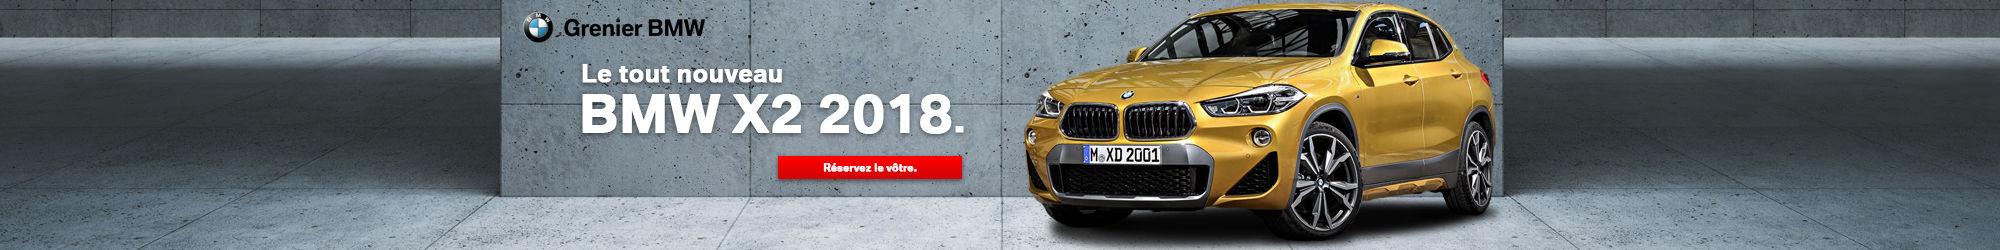 Le tout nouveau BMW X2 2018